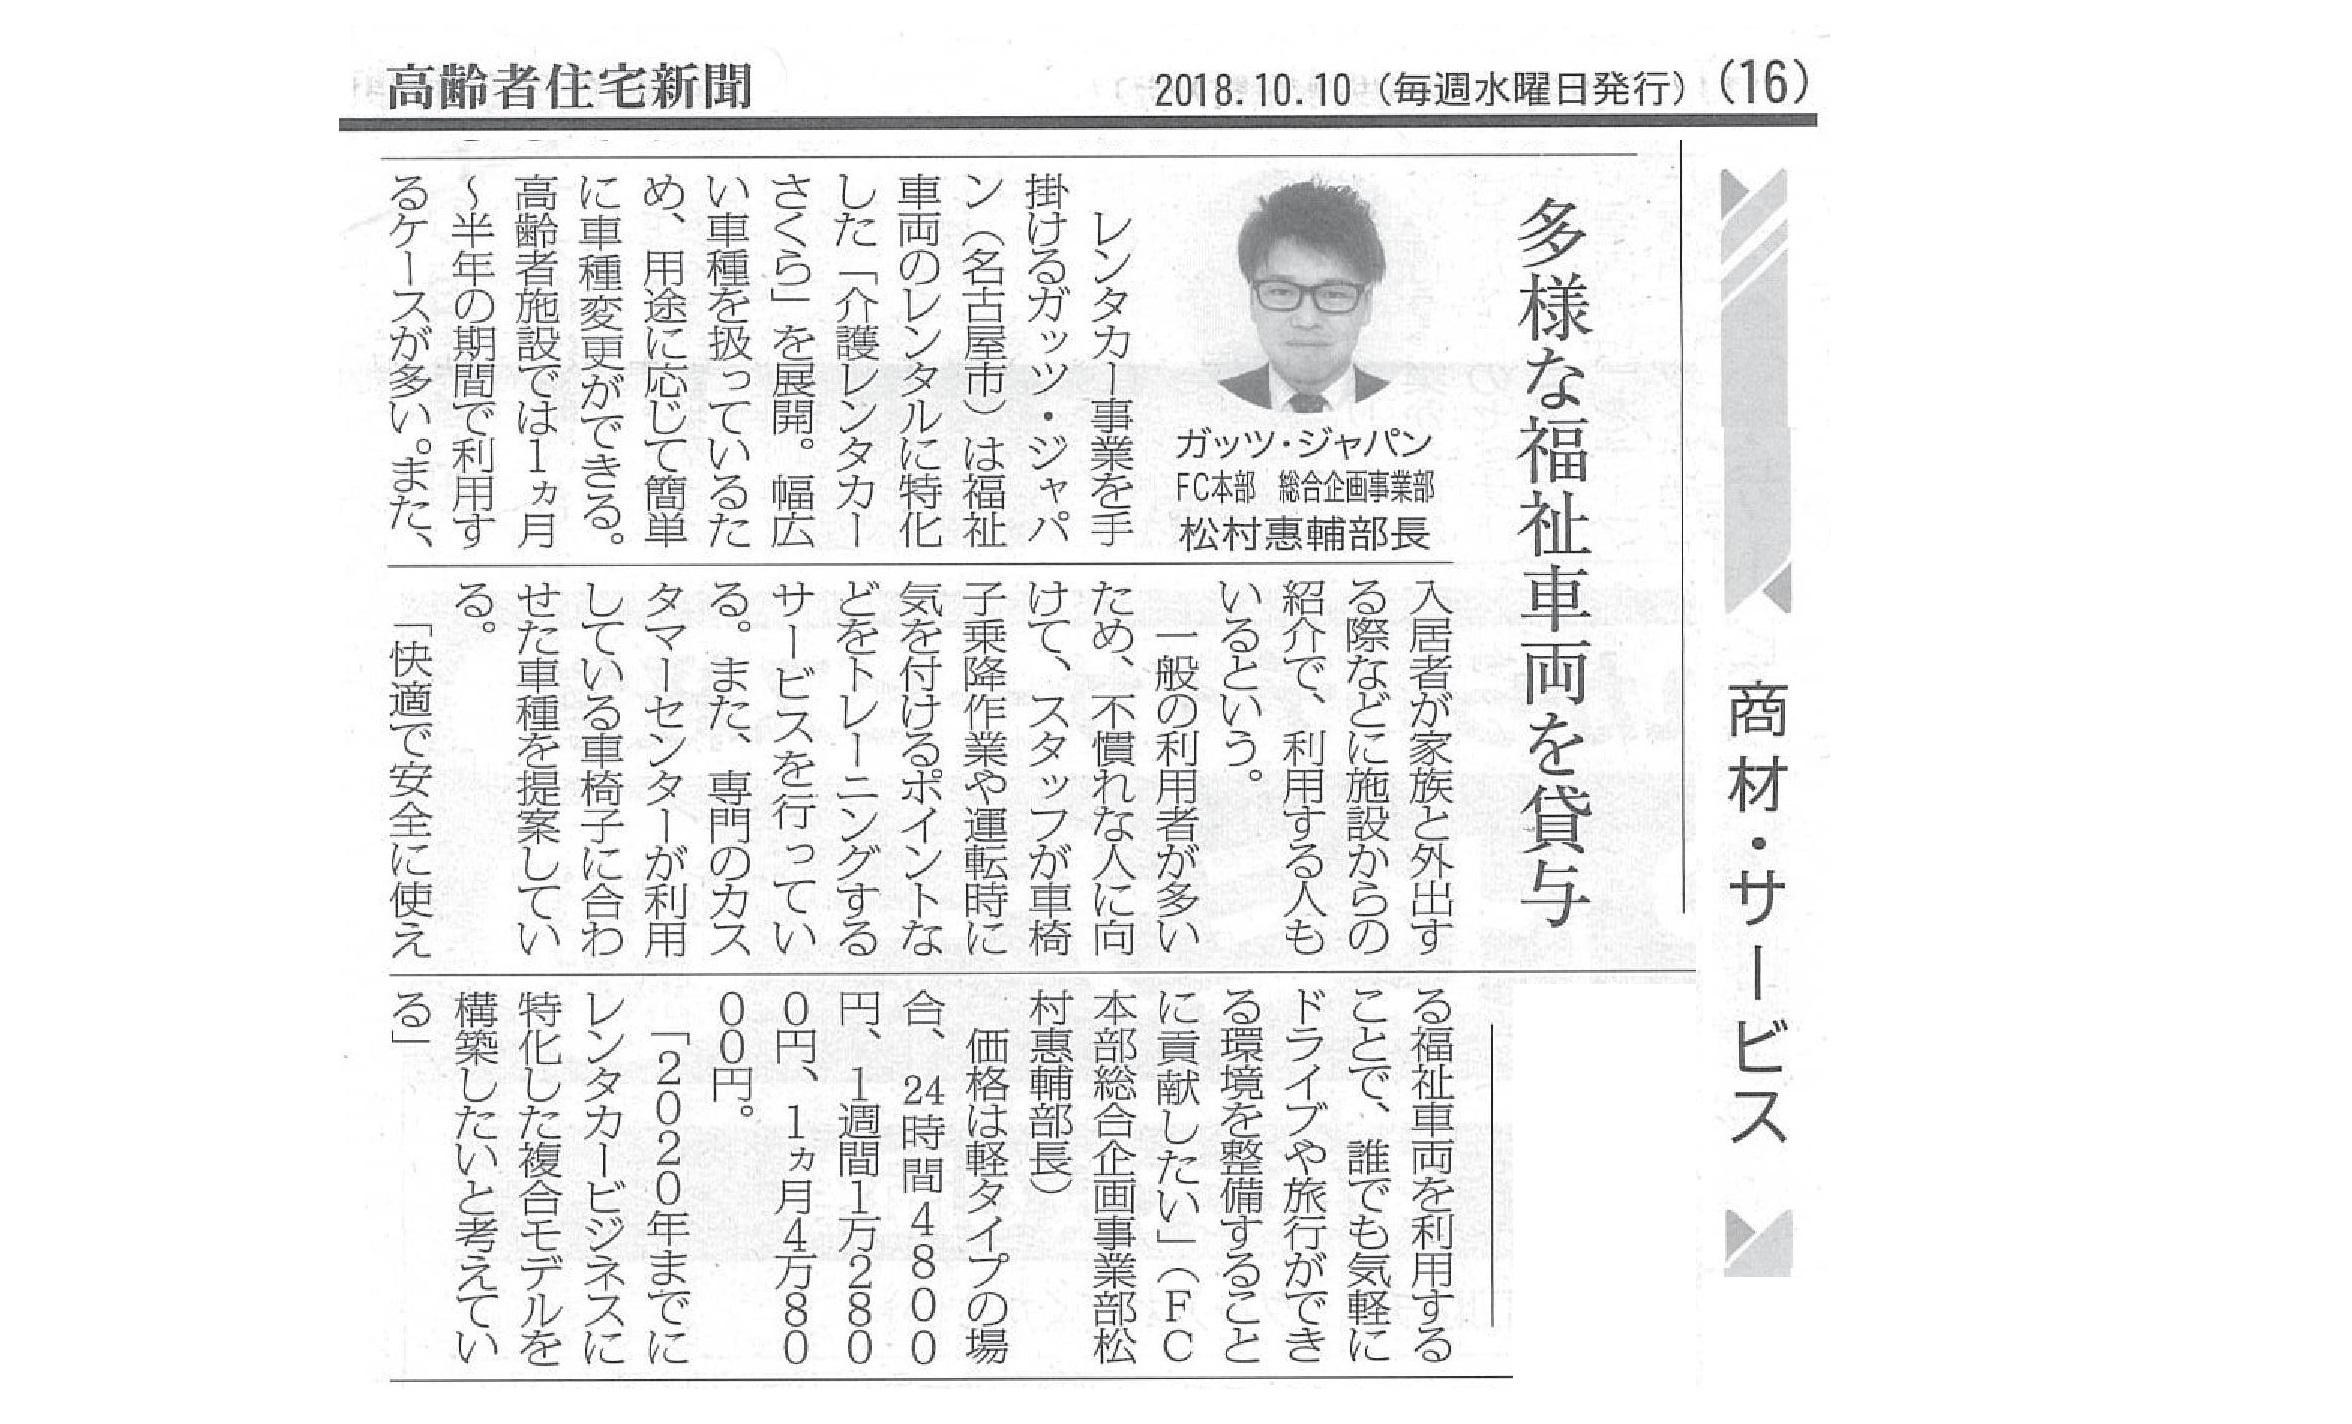 平成30年10月10日発売の週刊 高齢者住宅新聞 介護レンタカーさくら記事